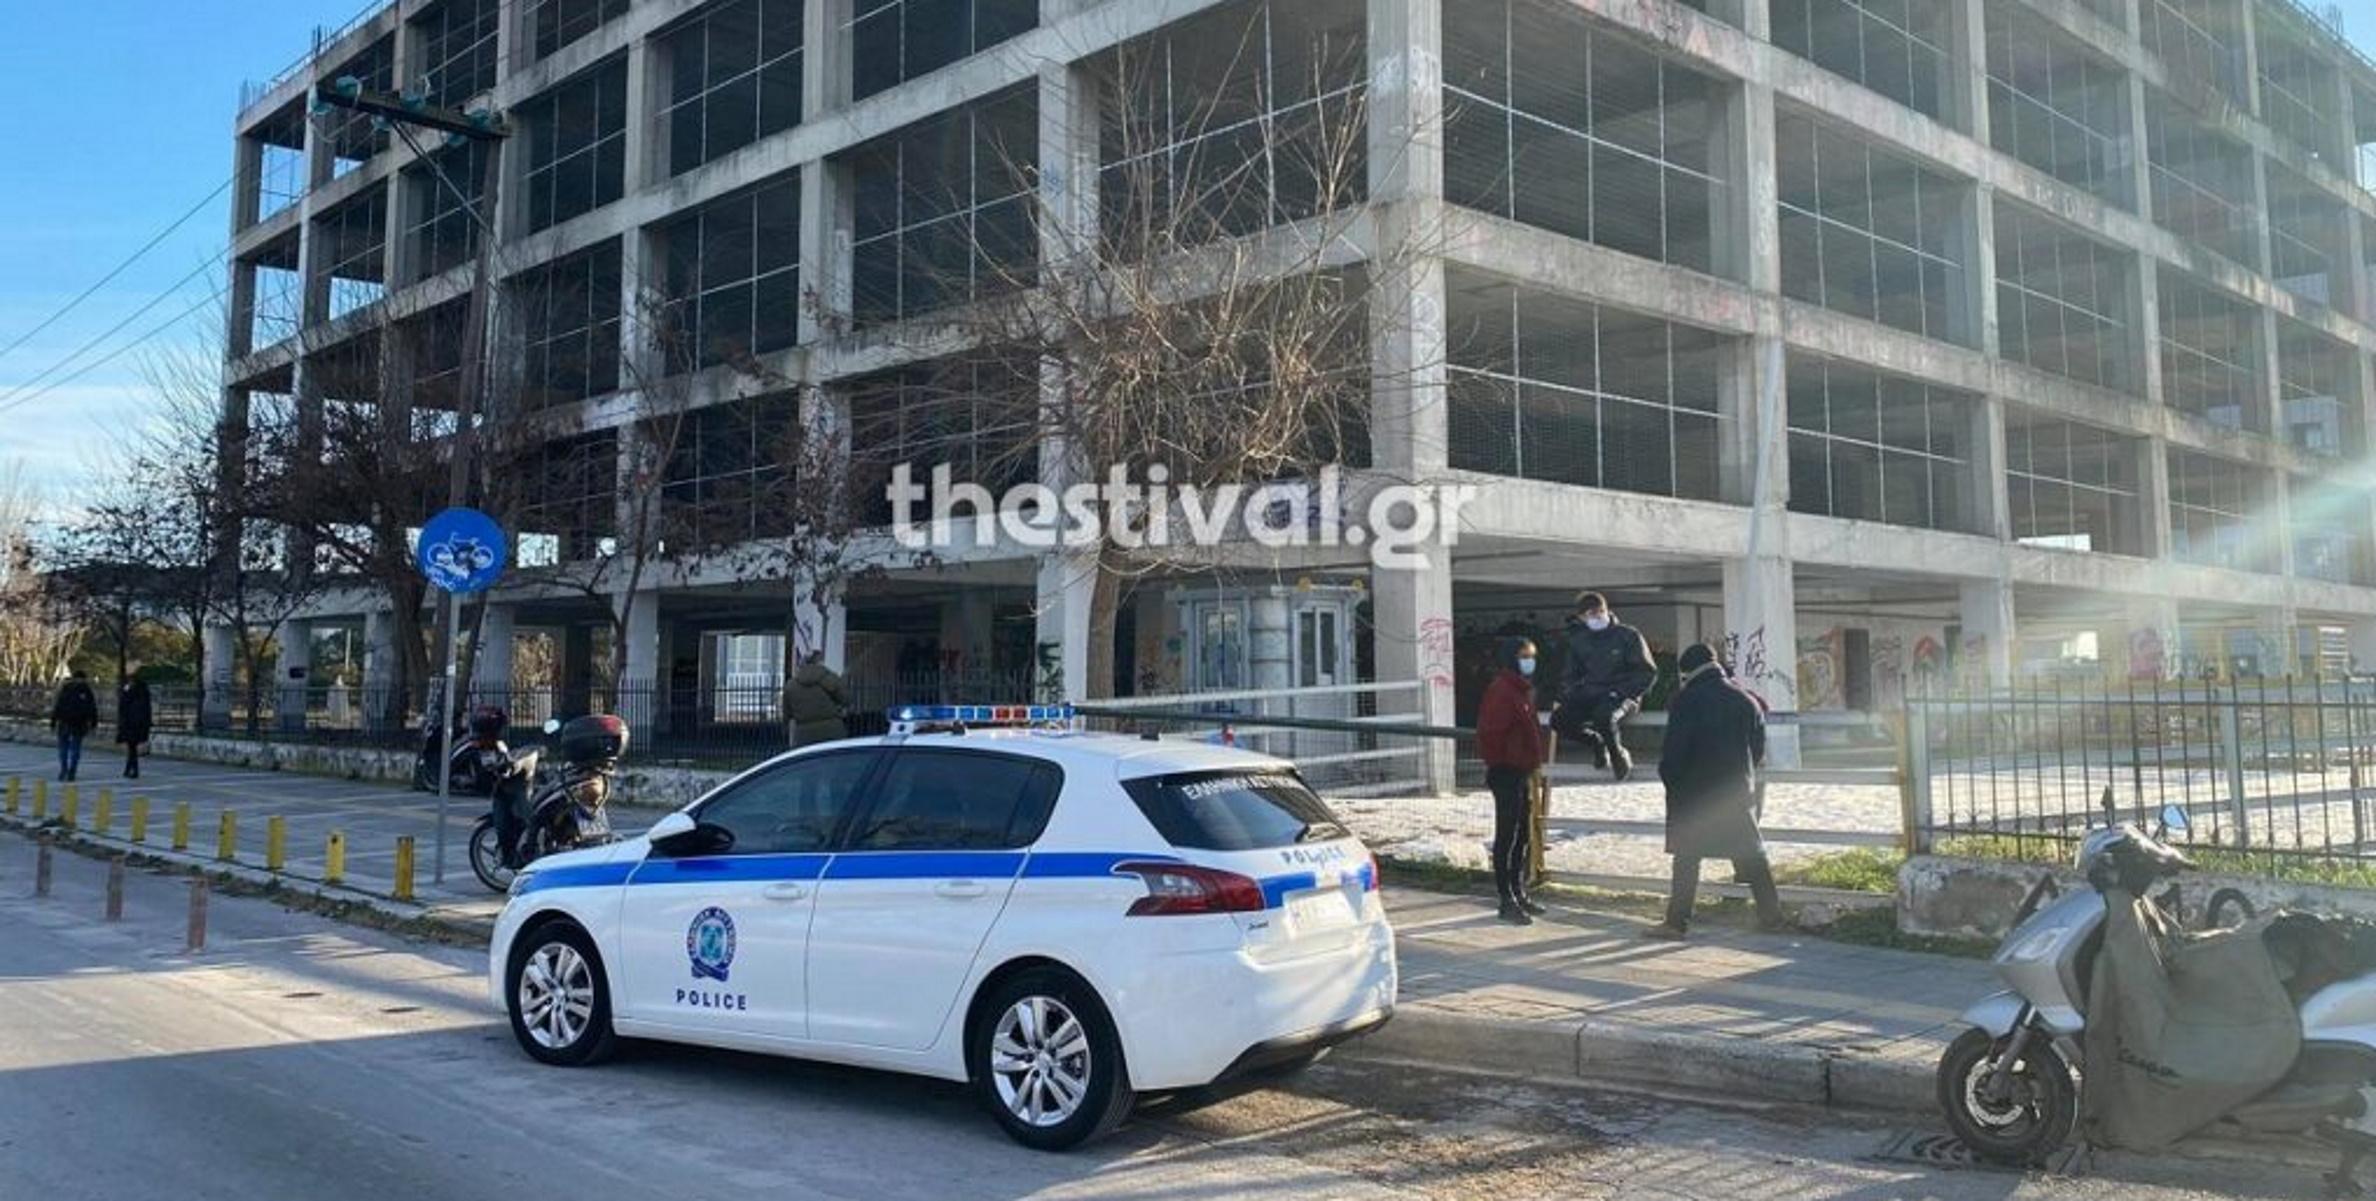 Θεσσαλονίκη: Πτώμα σε κτήριο του ΑΠΘ – Φοιτητές αντίκρισαν το μακάβριο θέαμα (pics, video)